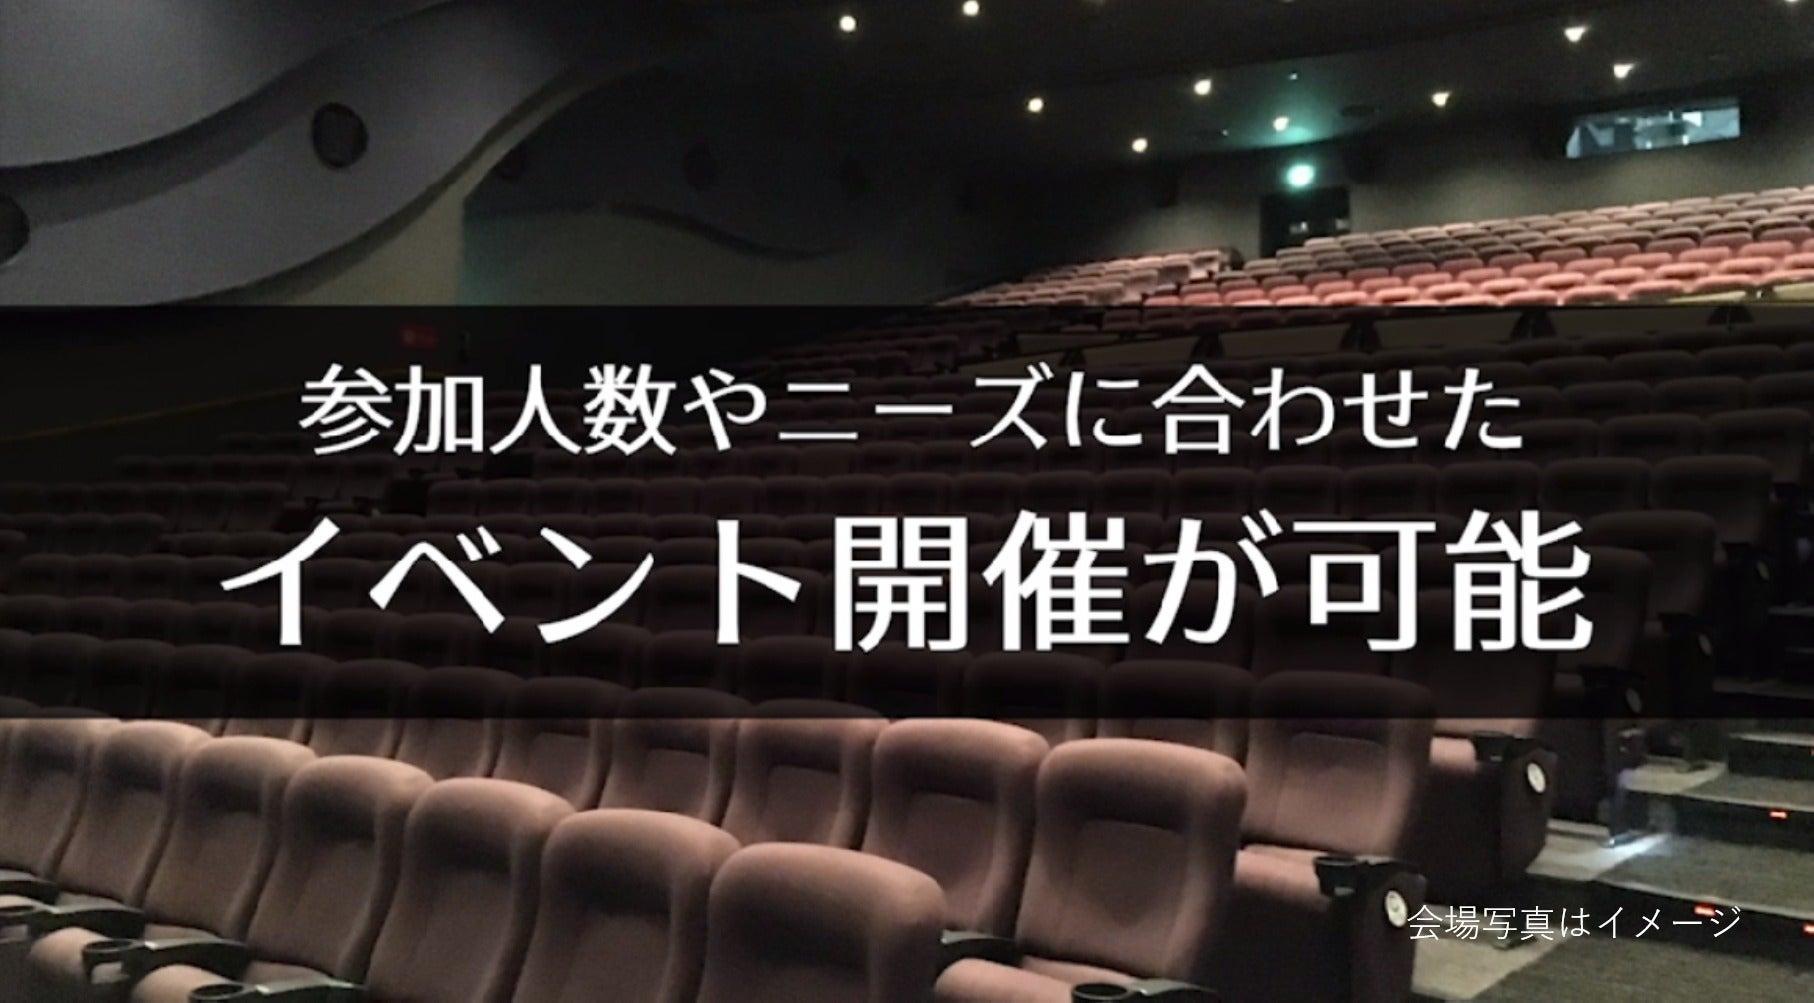 【新潟 147席】映画館で、会社説明会、株主総会、講演会の企画はいかがですか? の写真